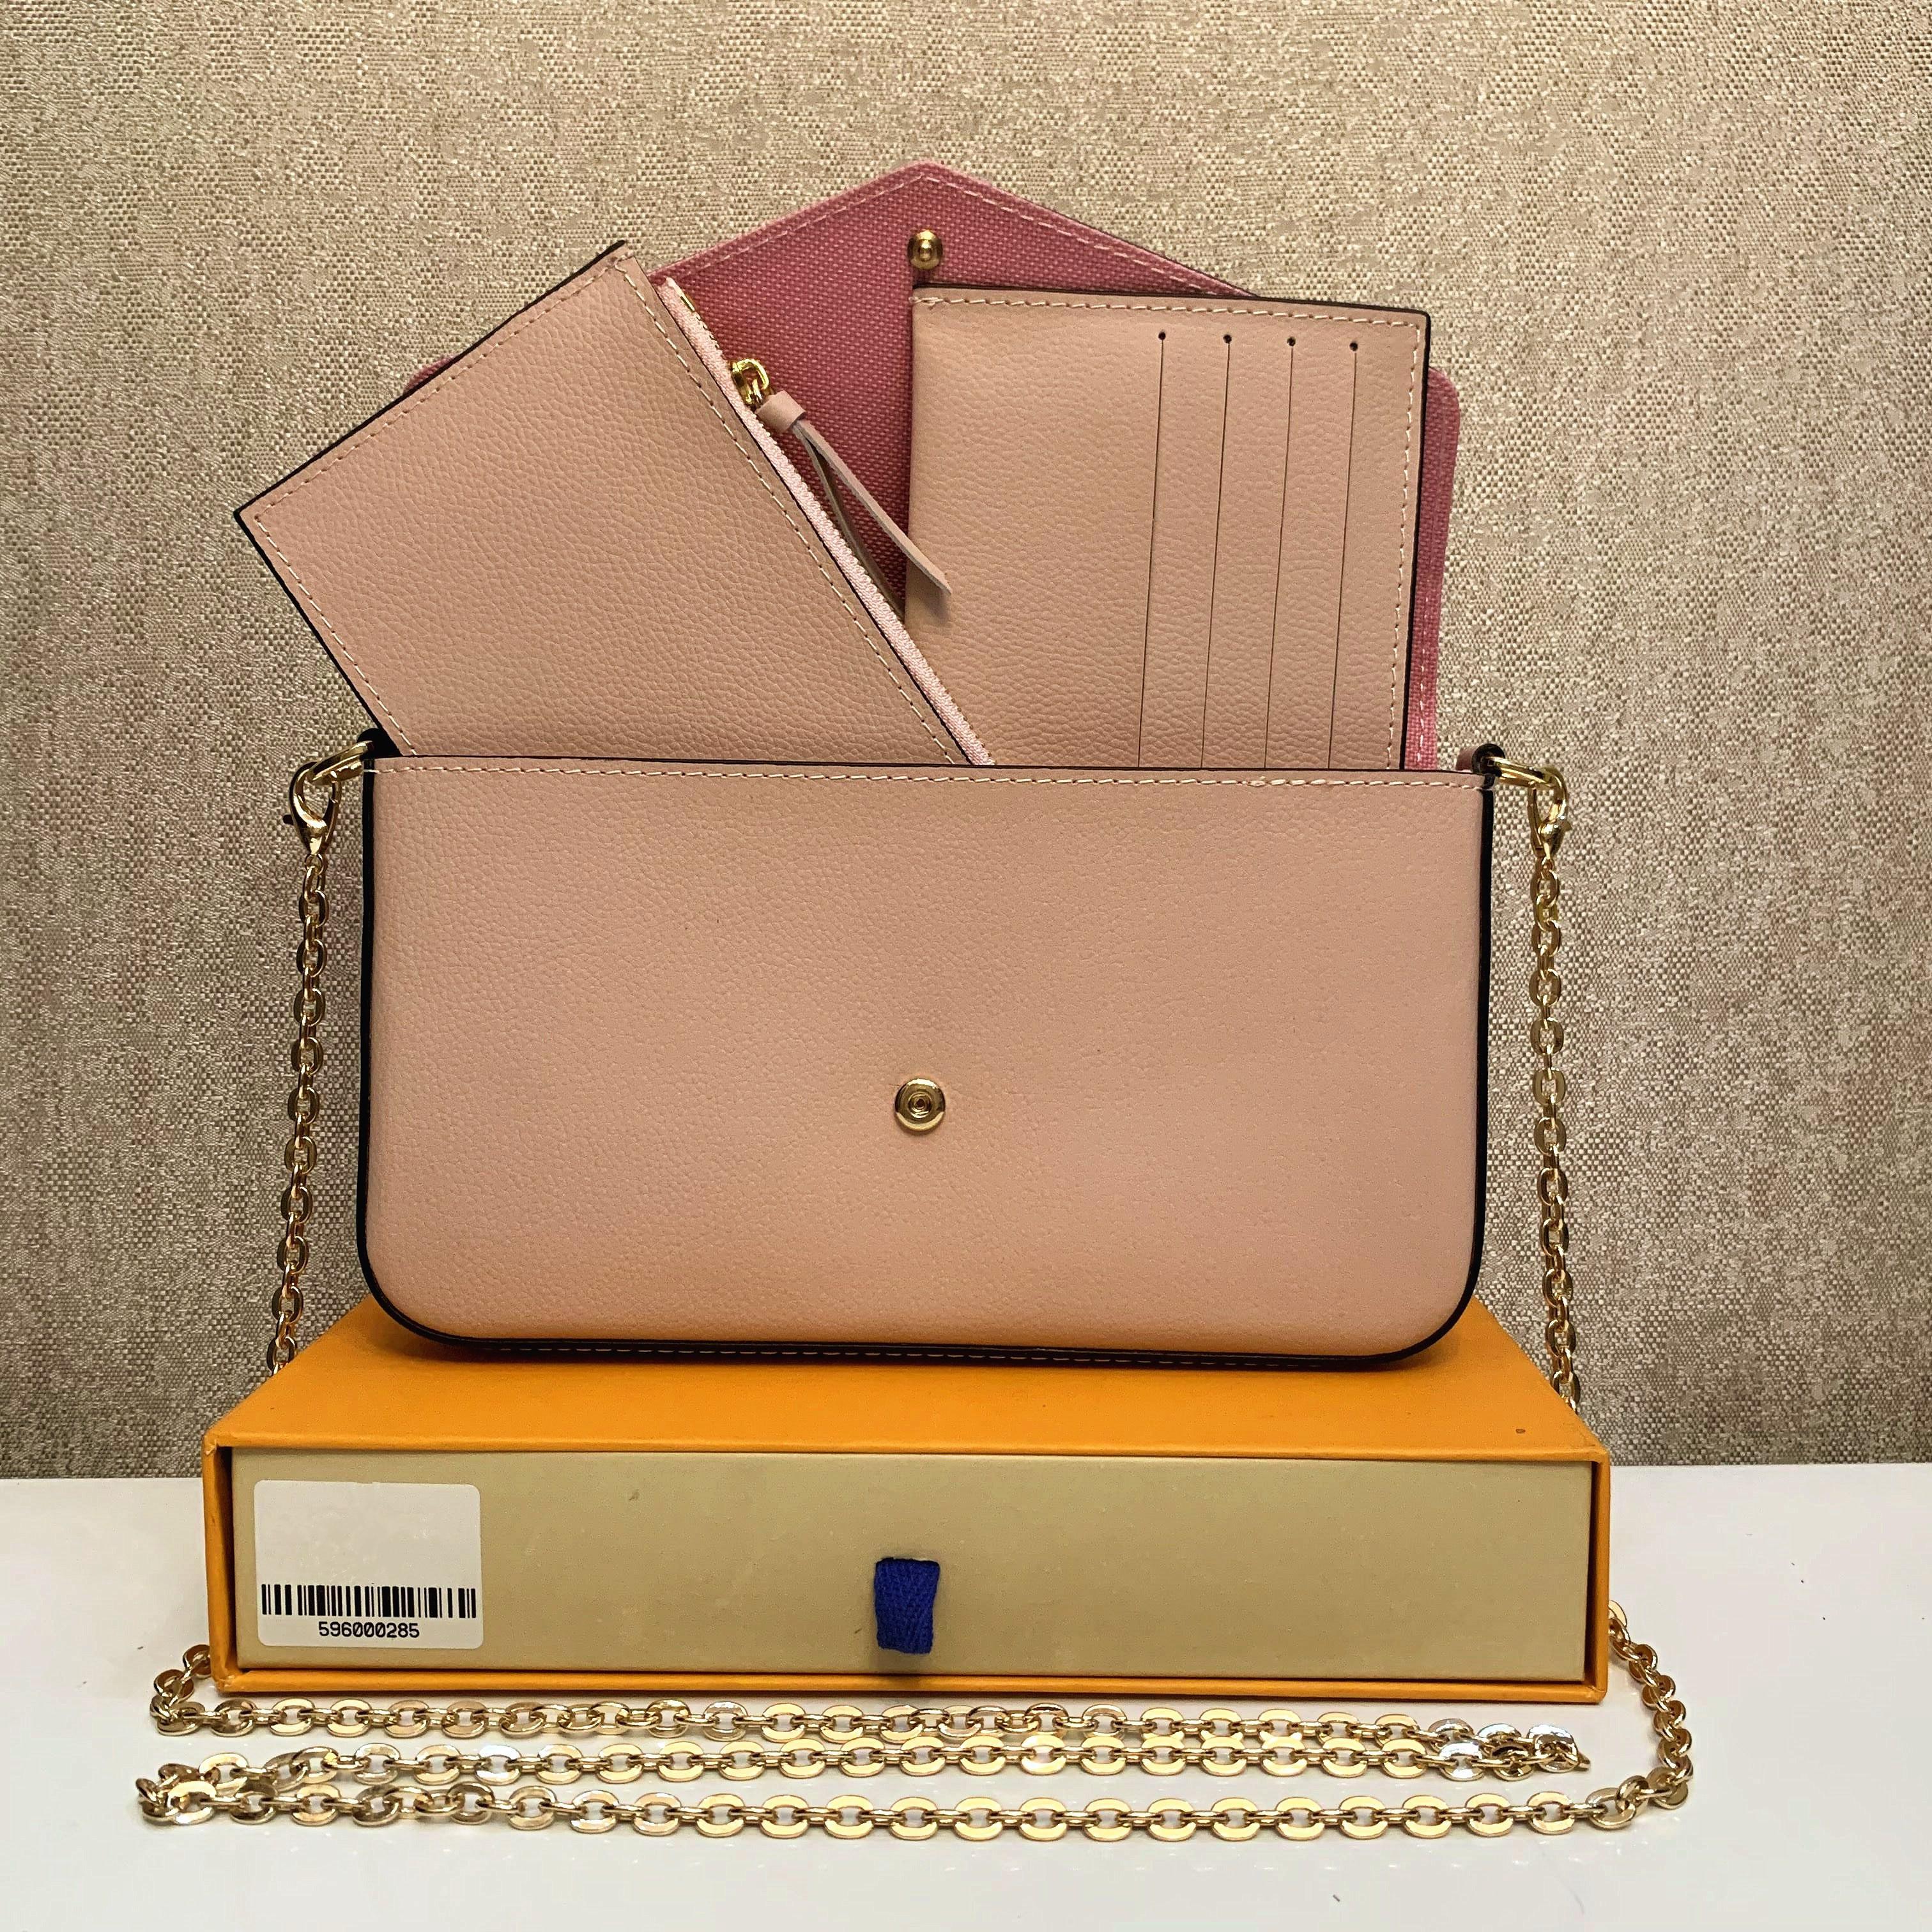 2021 Senhora Ombro 3 Piece Set Mulheres Moda Genuine Couro Bag Fábrica de Alta Qualidade Cross Bag Bolsa De Lona M61276